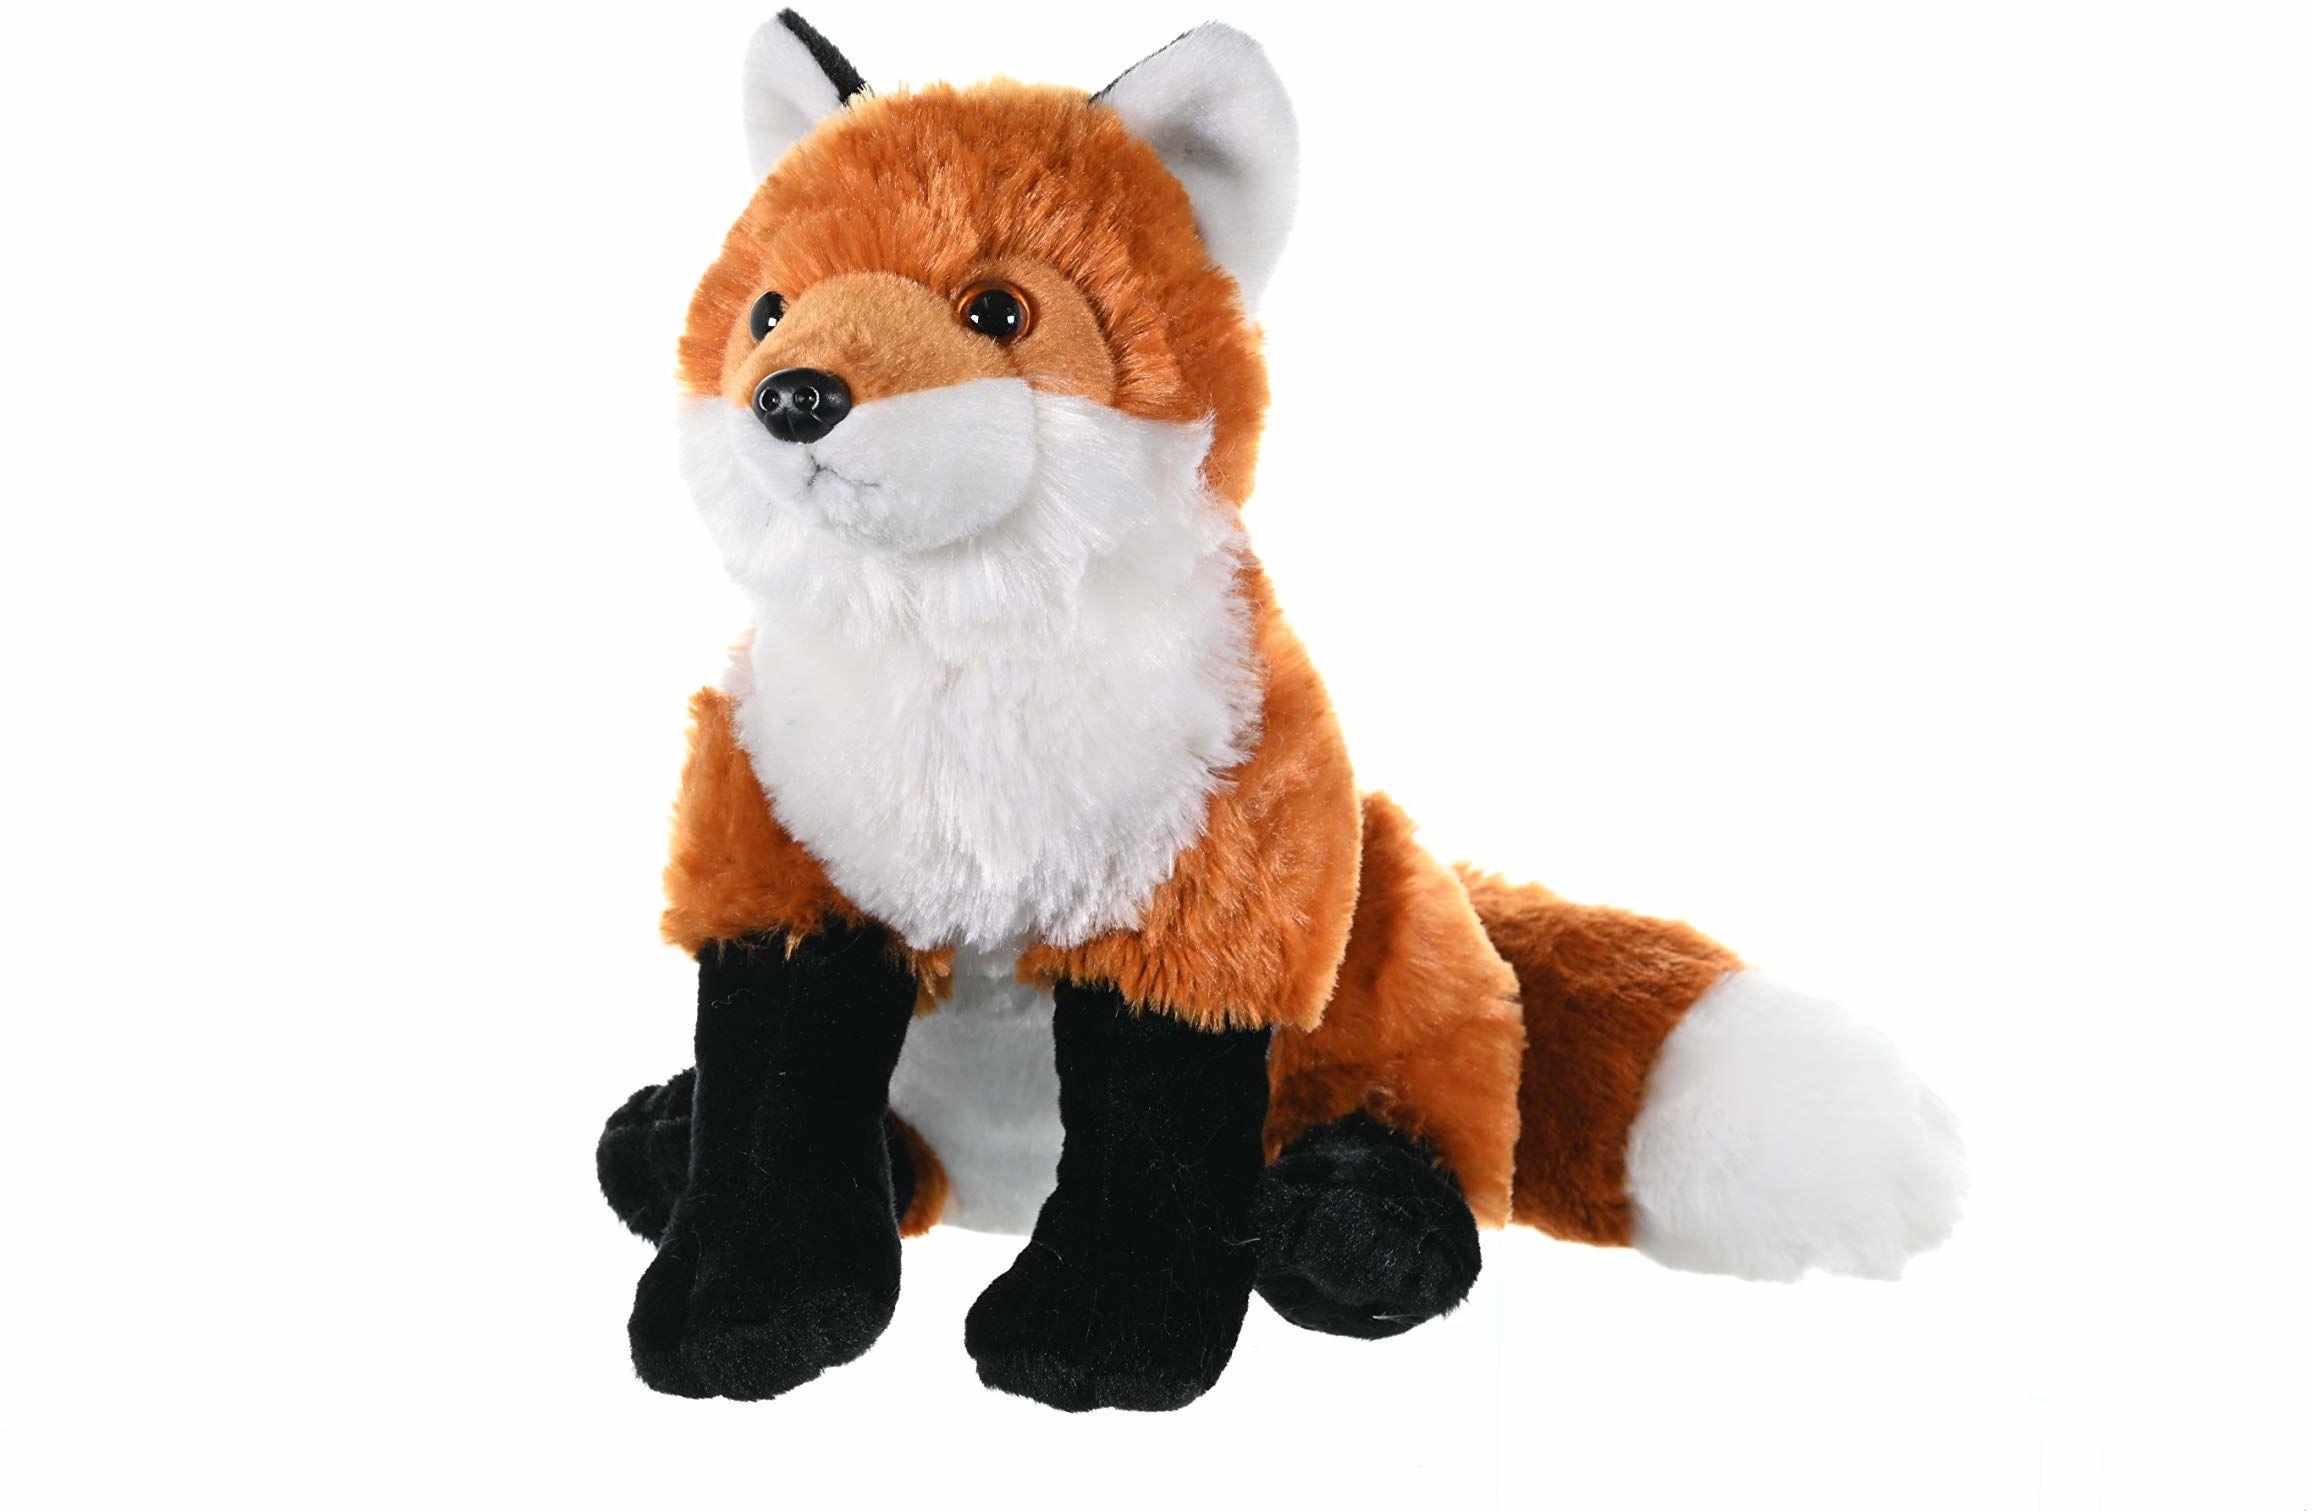 Wild Republic 10944 czerwony lis pluszowe przytulanki miękkie zabawki prezenty dla dzieci, 30 cm